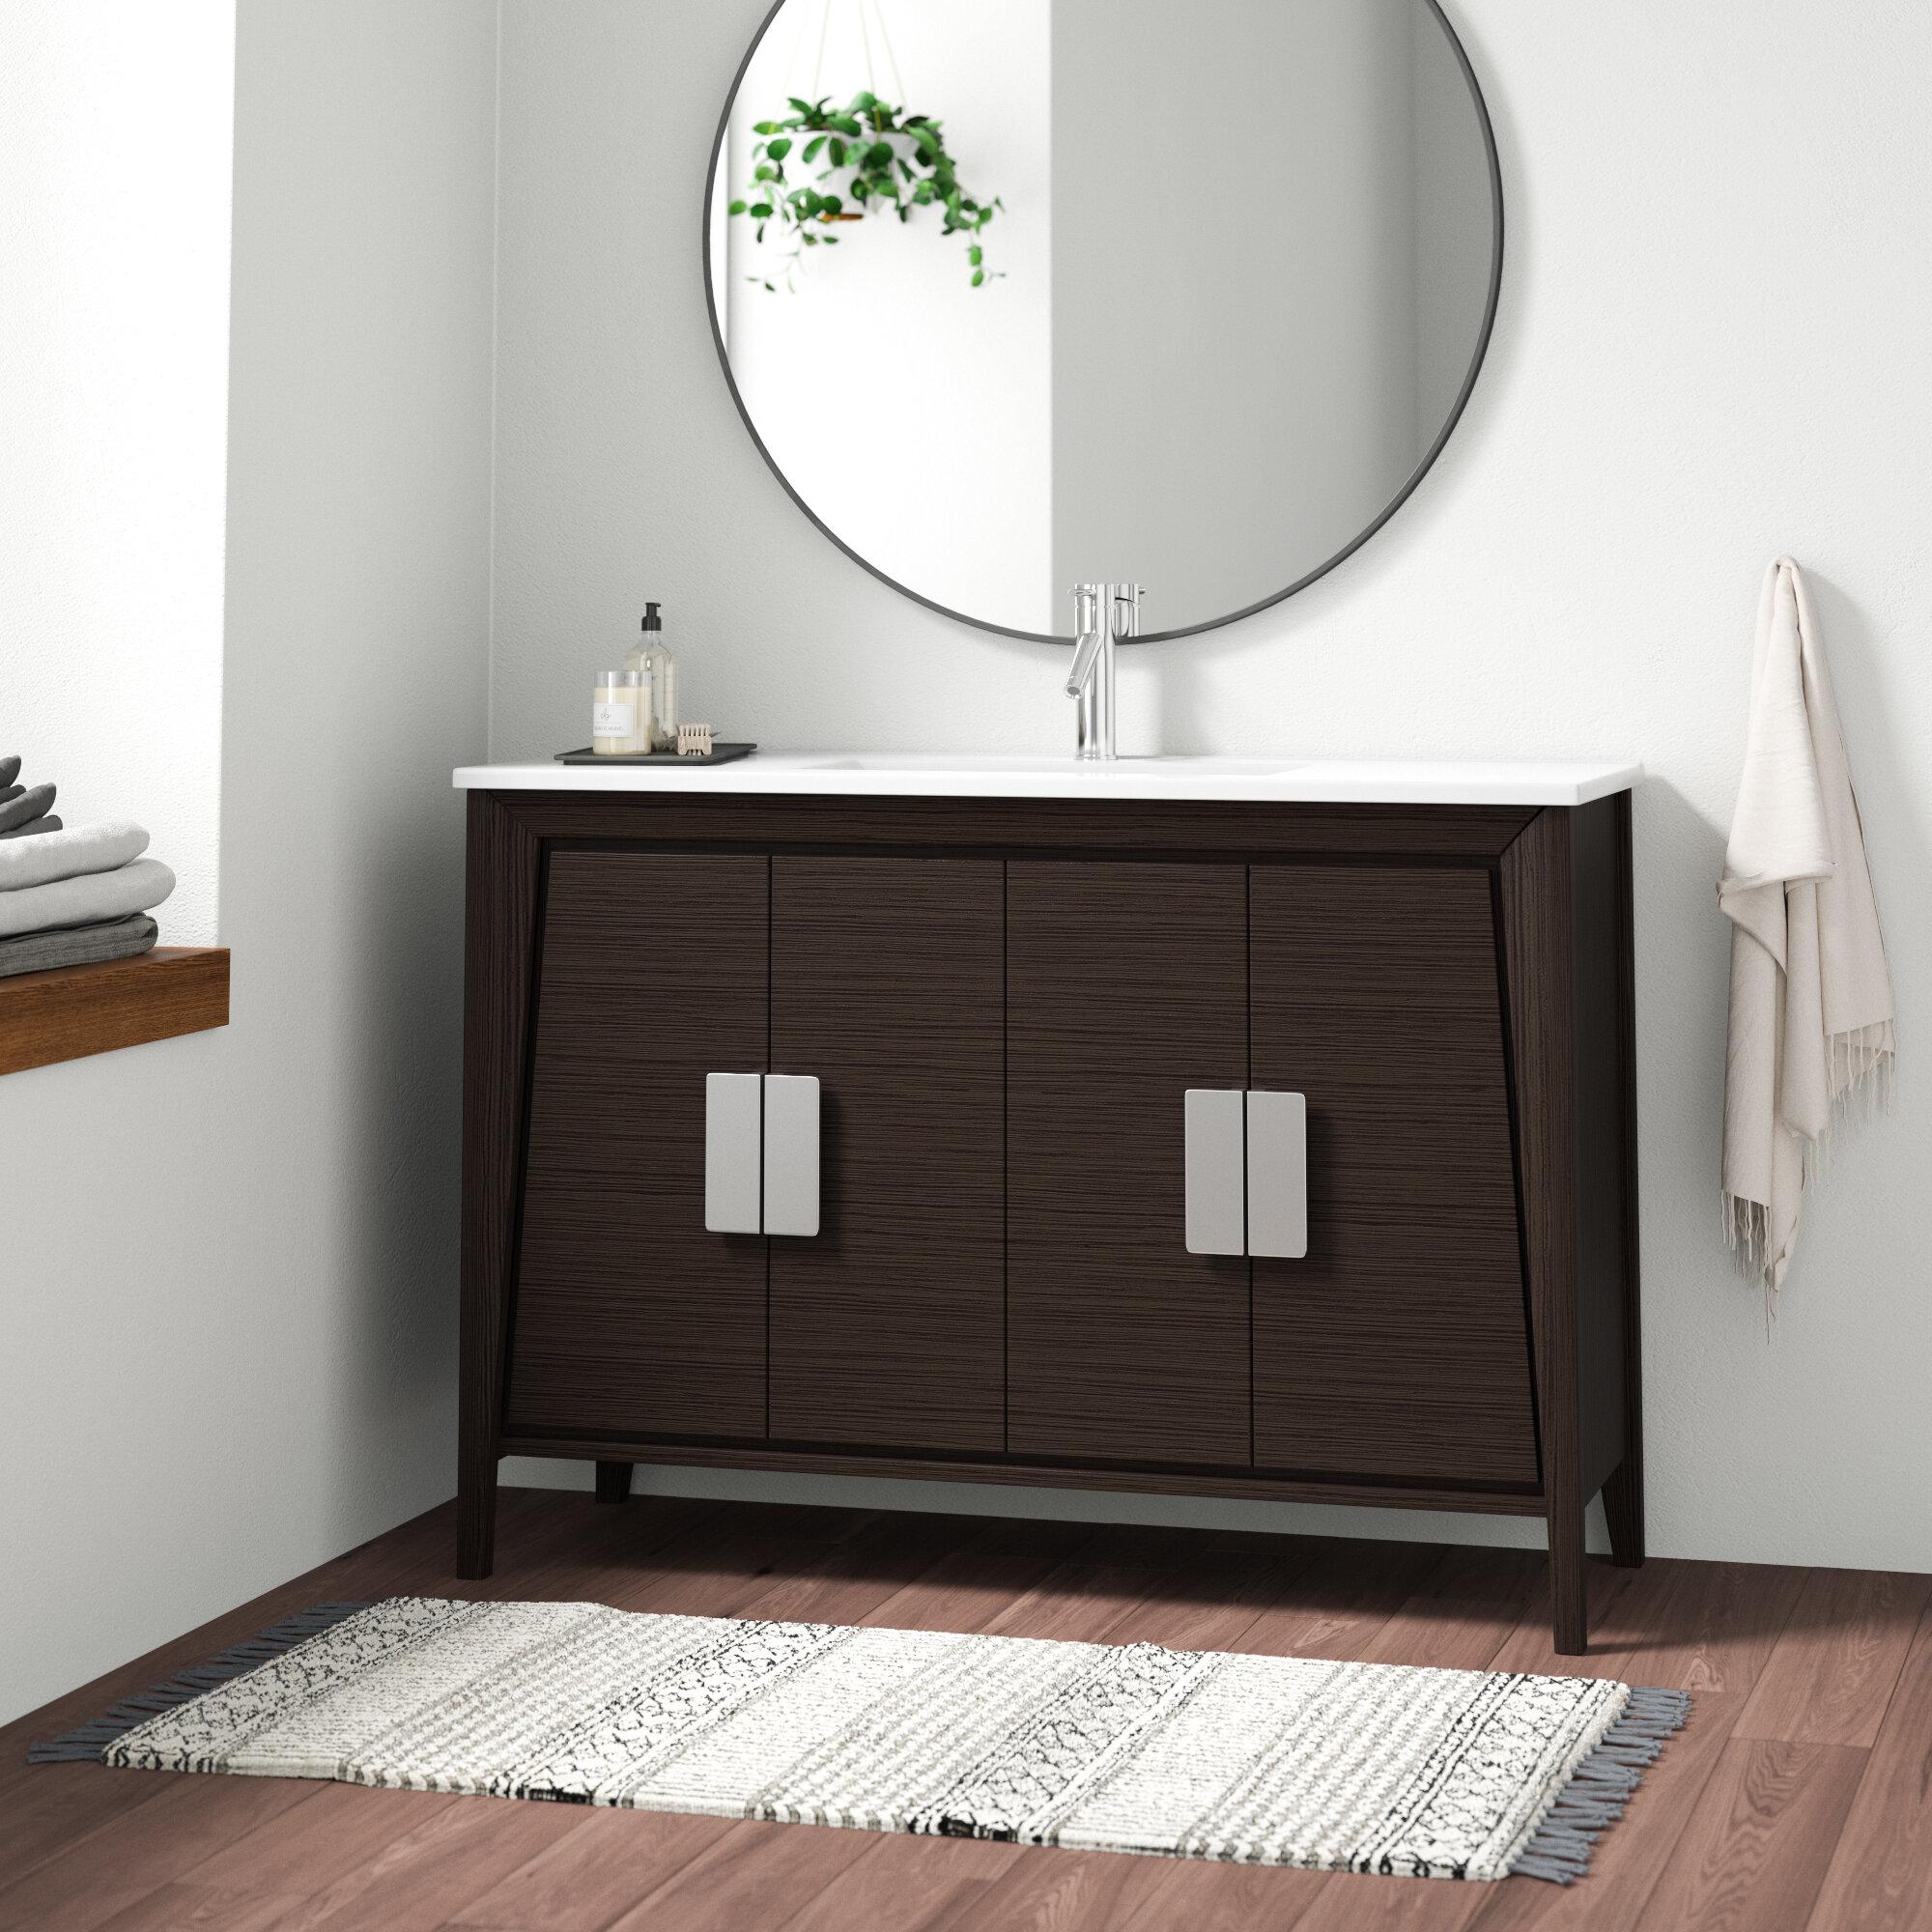 Image of: Mid Century Modern Bathroom Vanities You Ll Love In 2020 Wayfair